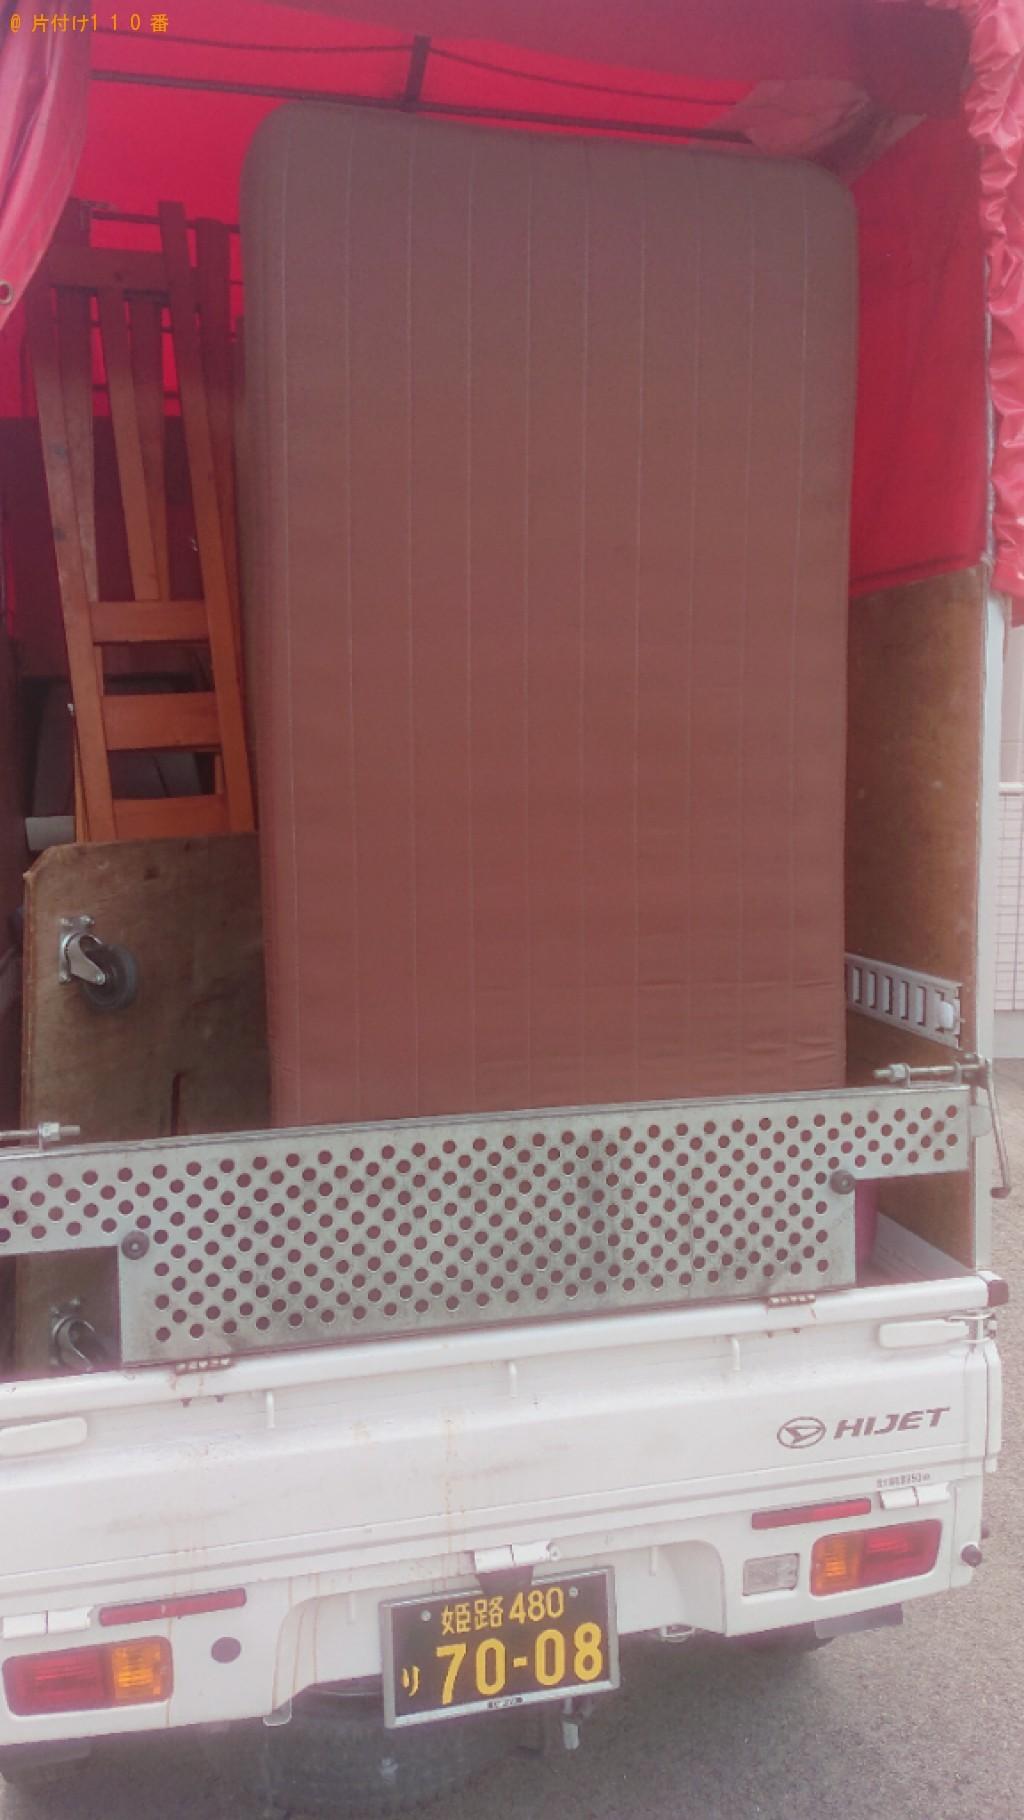 【姫路市勝原区】脚付きマットレス、ソファーの回収・処分ご依頼